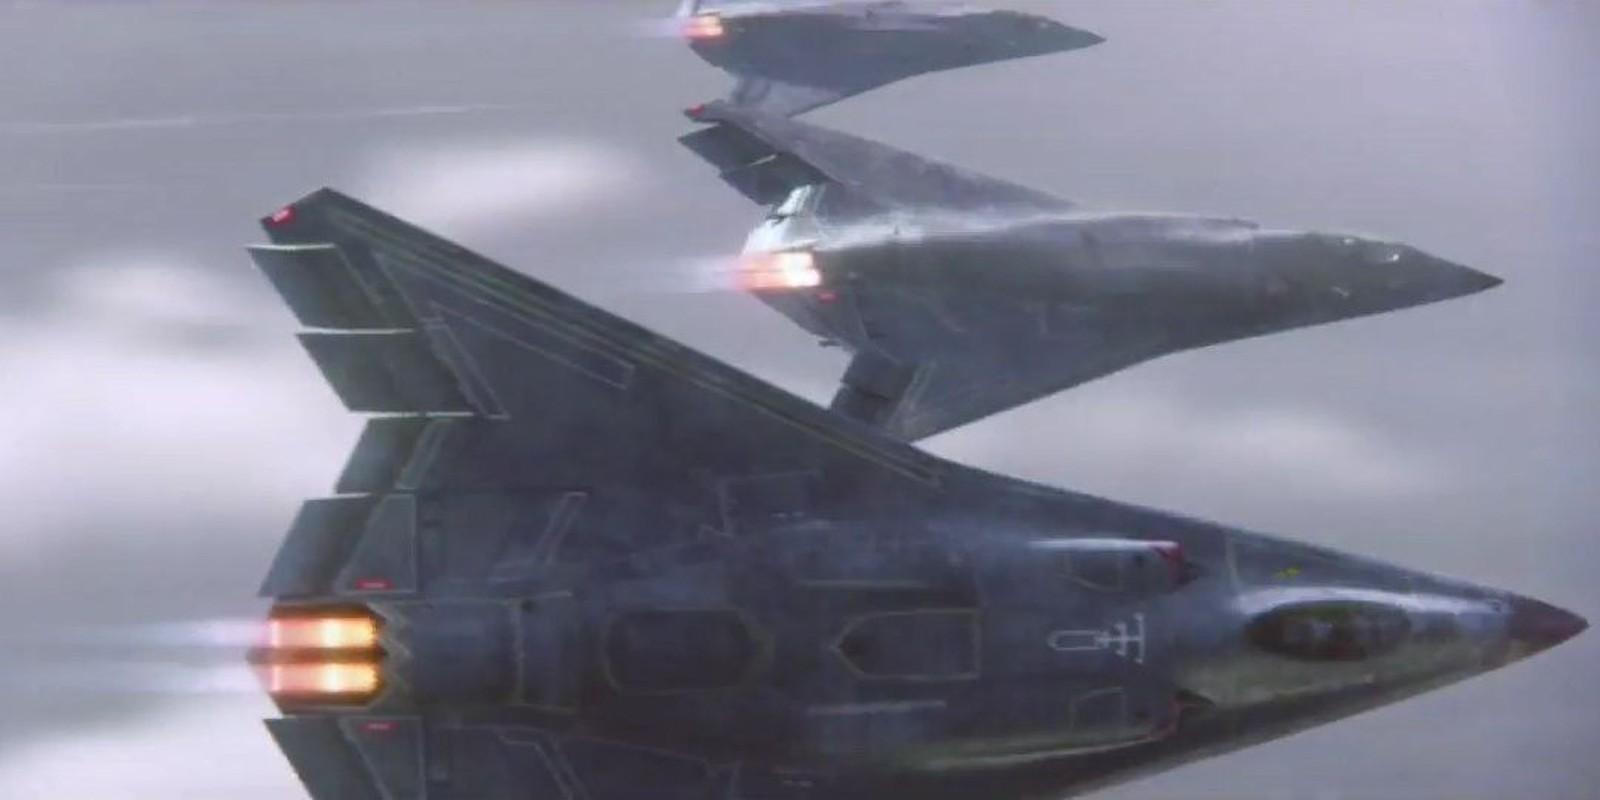 My phat trien vu khi laser thay the vu khi khong chien truyen thong-Hinh-14